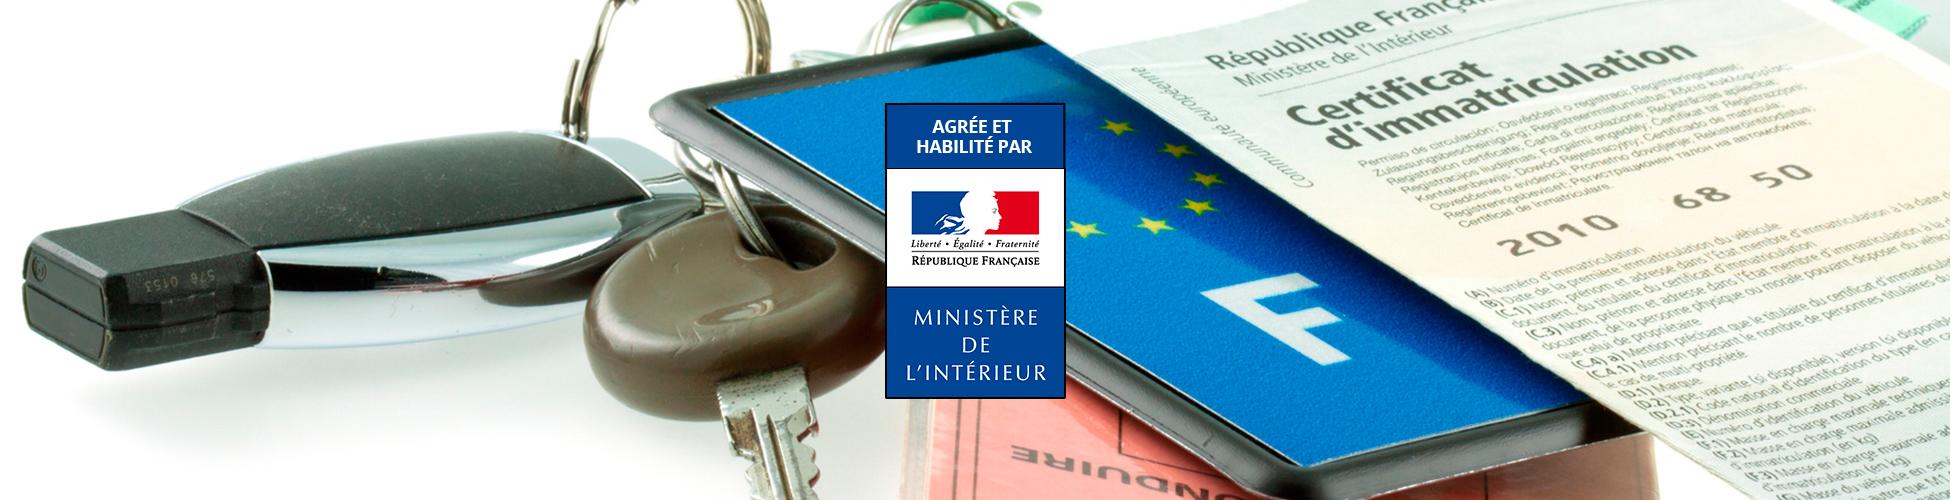 s5-carte-grise-agree-habilité-préfecture-seine-marne-77290-chanteloup-3